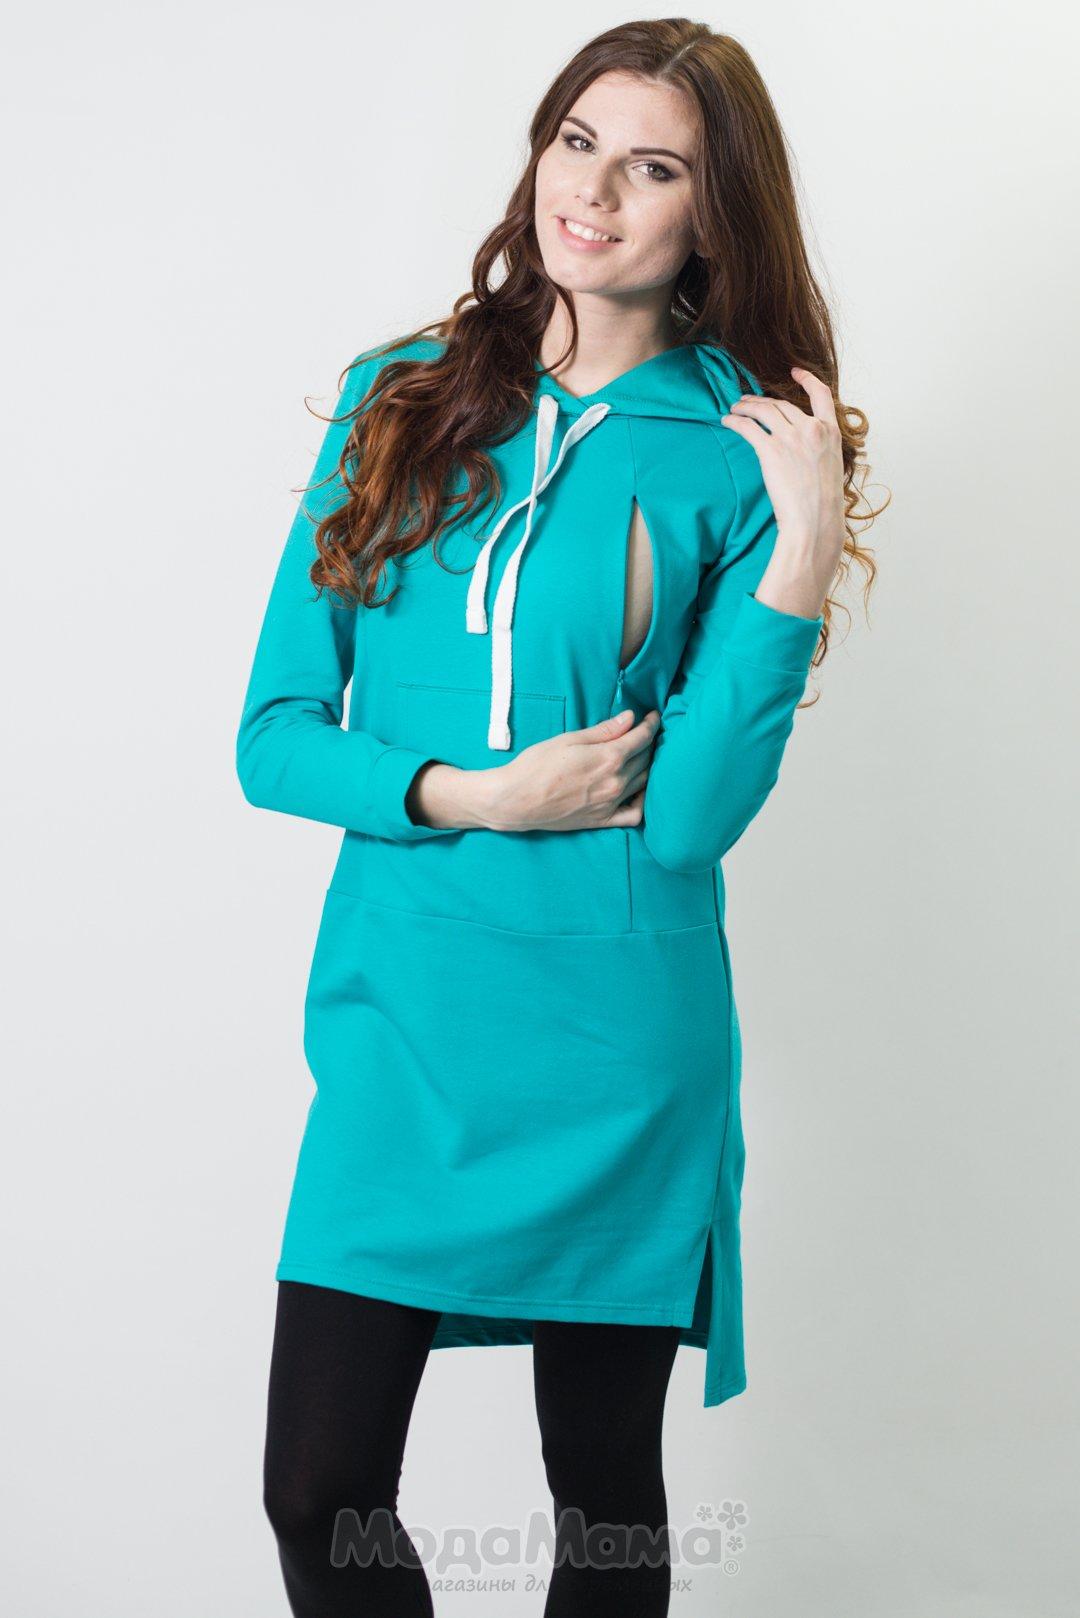 Туника мм381 Бирюза купить - Одежда для беременных МодаМама 3078a2c8d68